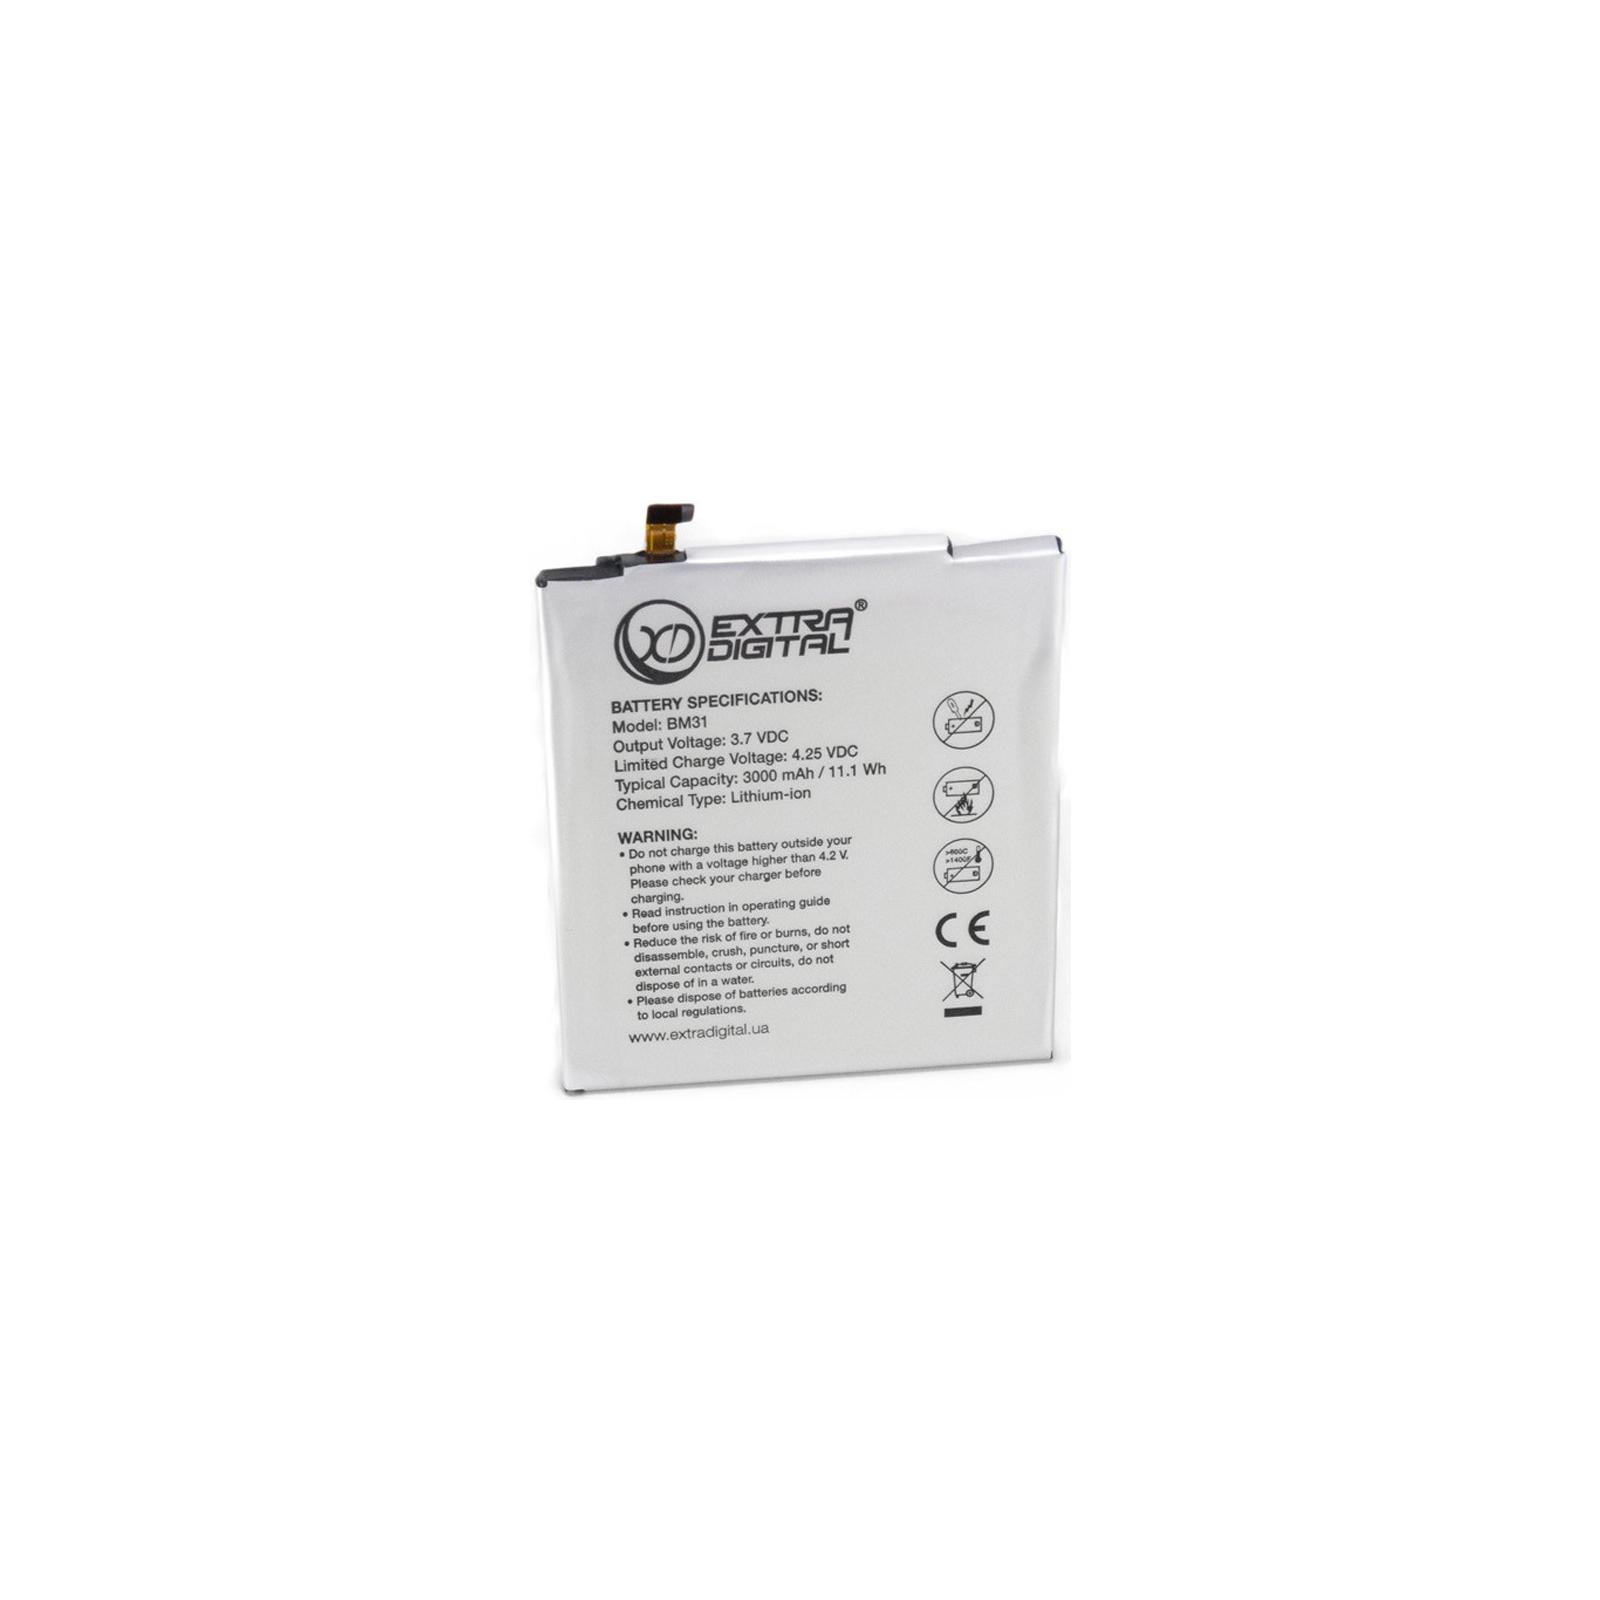 Акумуляторна батарея для телефону EXTRADIGITAL Xiaomi Mi3 (BM31) 3000 mAh (BMX6444)